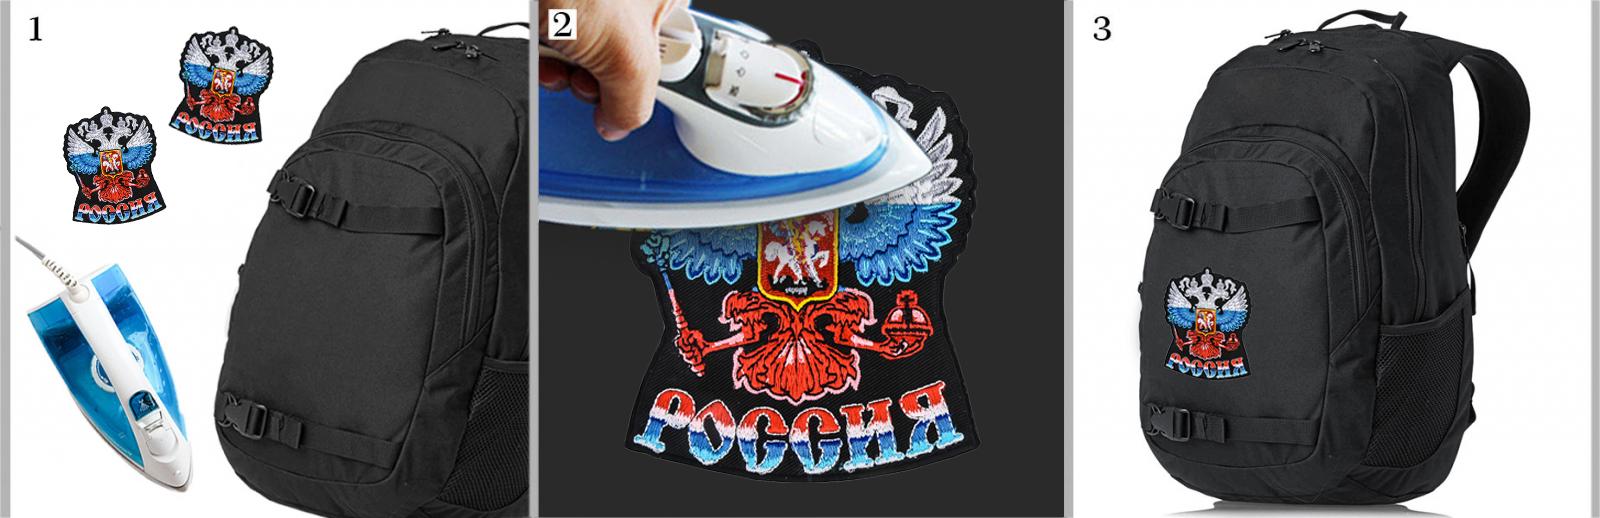 Нашивки с патриотической символикой России